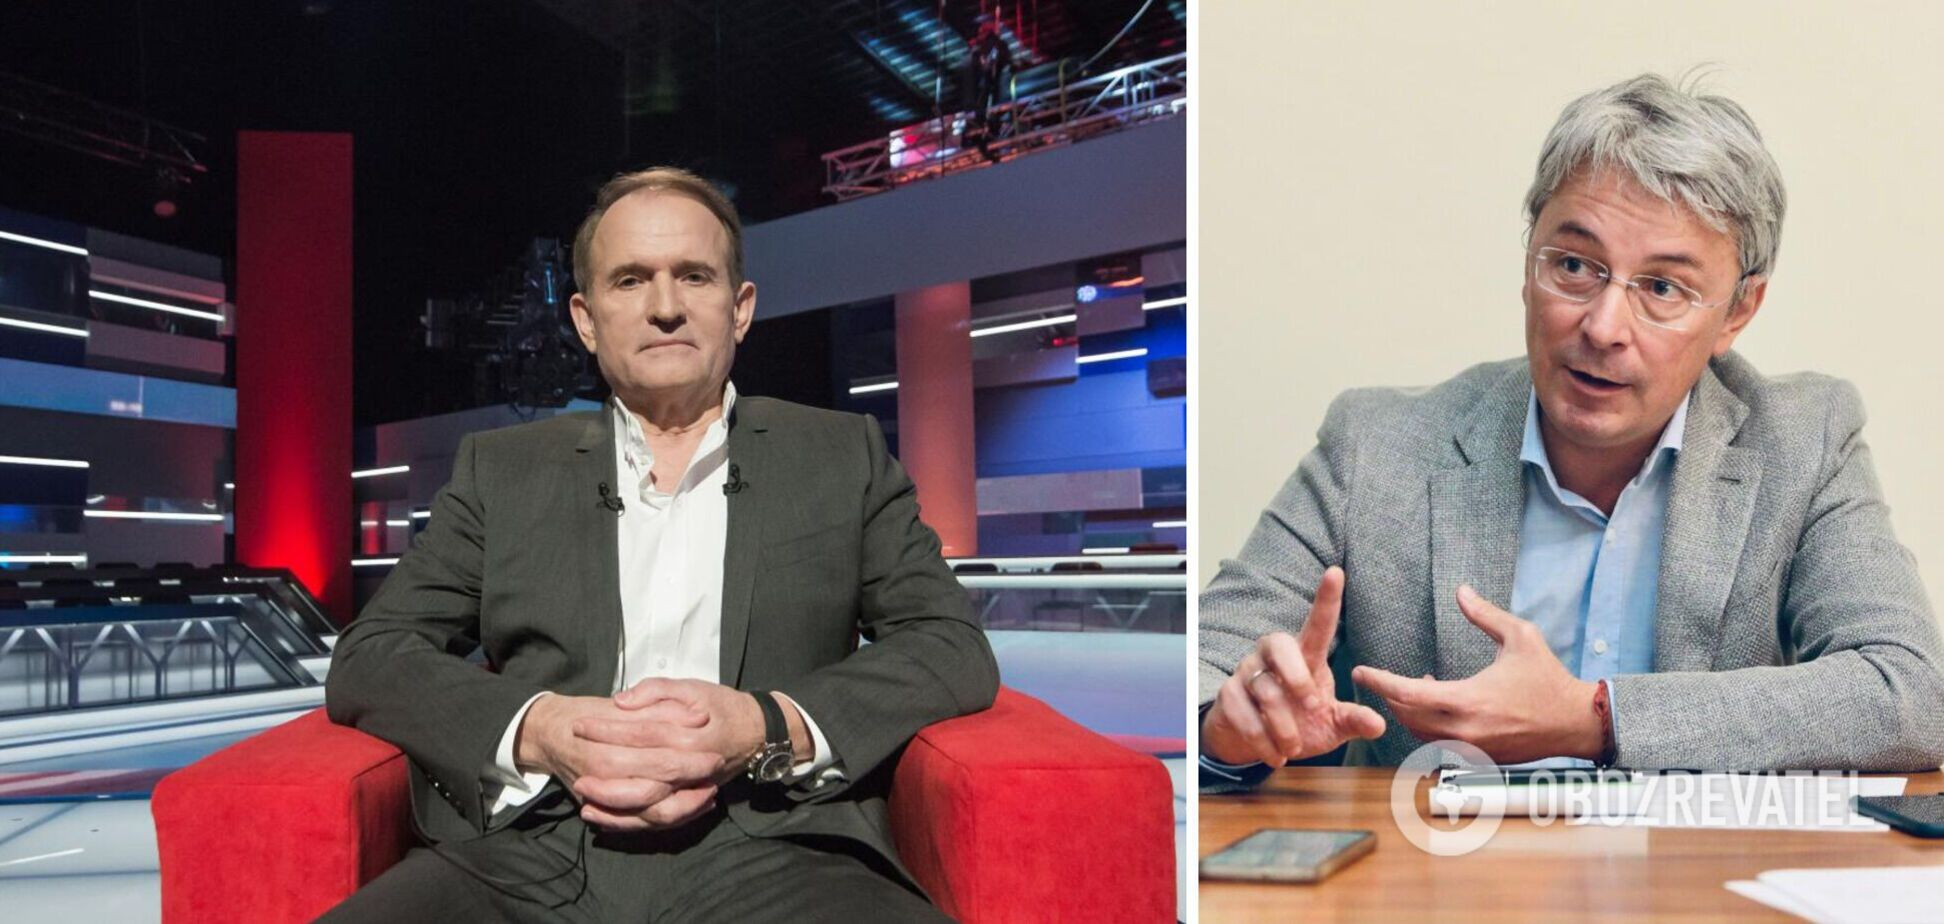 Ткаченко заявив про опосередковане фінансування з боку Росії телеканалів Медведчука